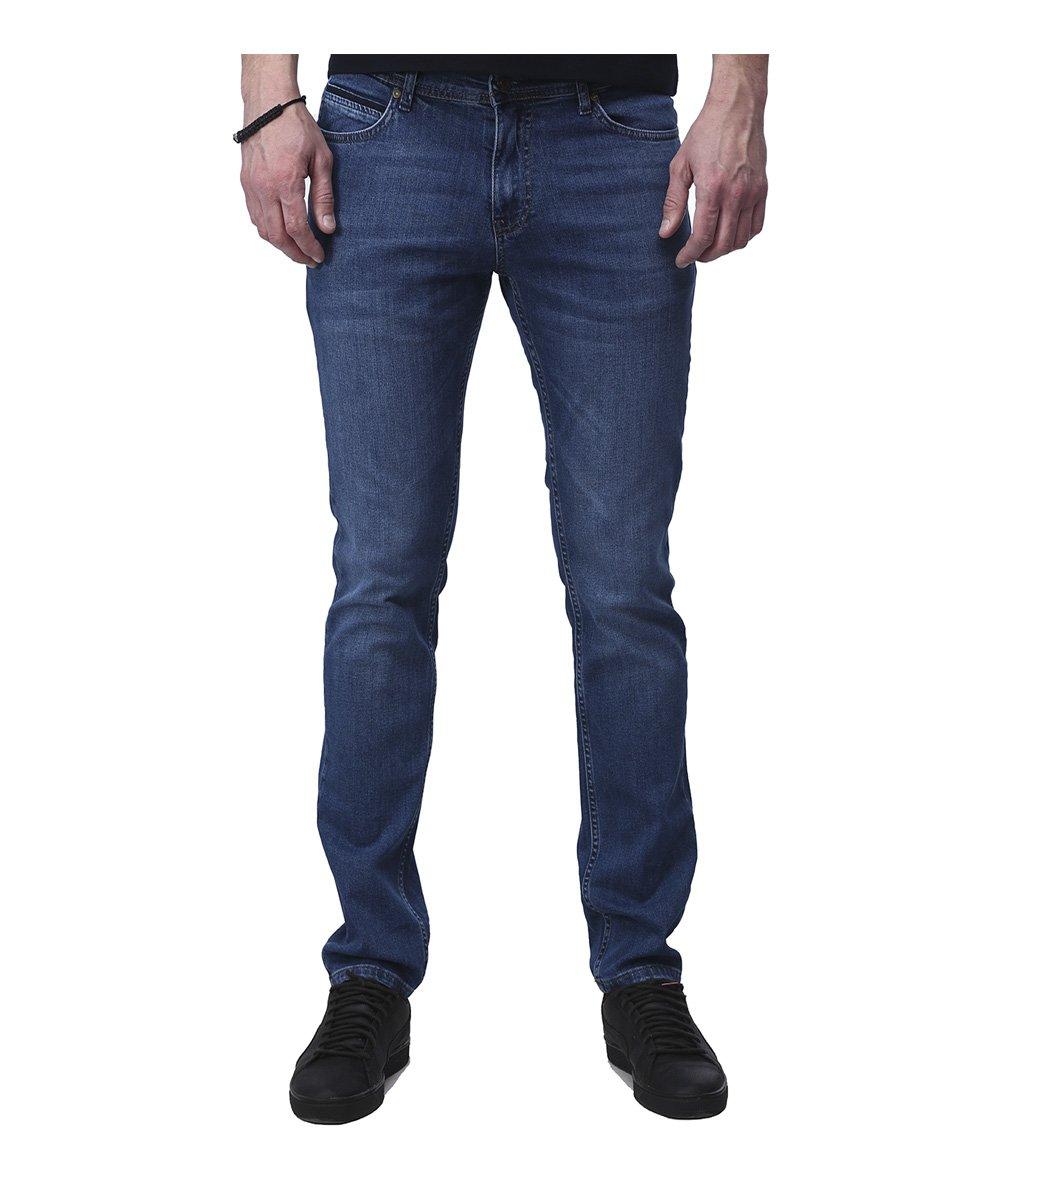 Синие джинсы Hugo Boss 9114 - Синий - Вид 1